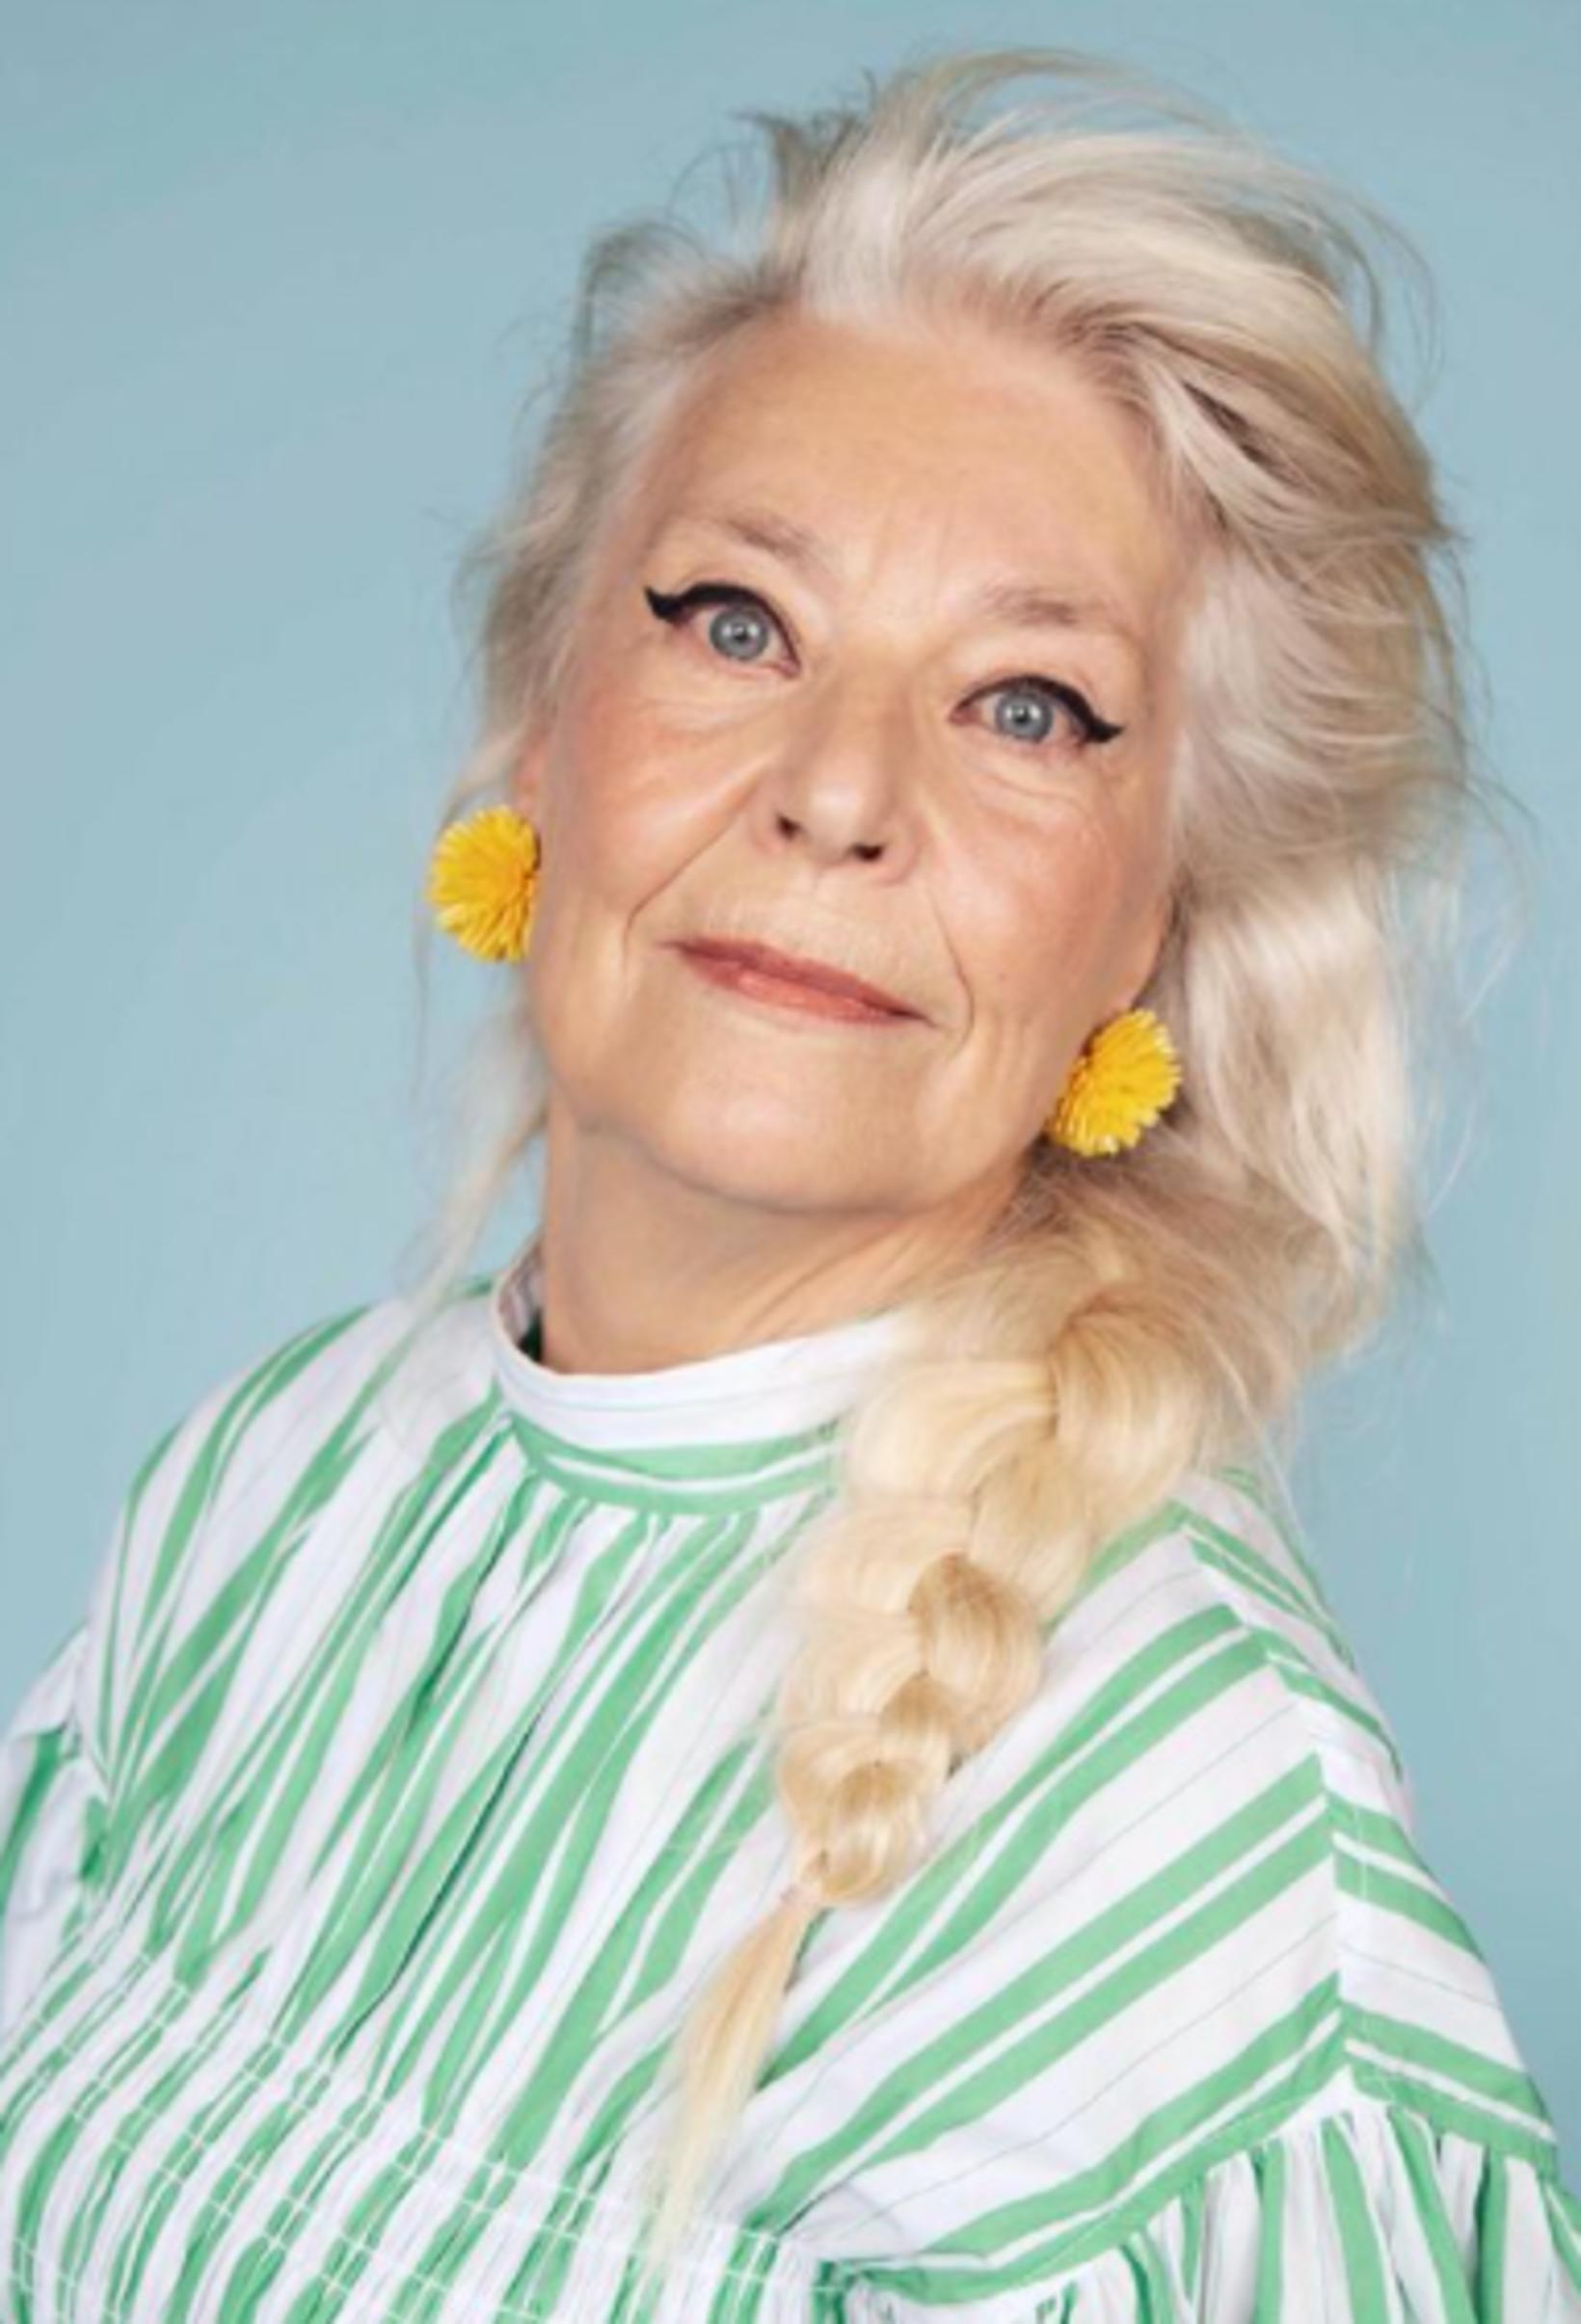 Þessi er 76 ára og hafði alltaf dreymt um að …